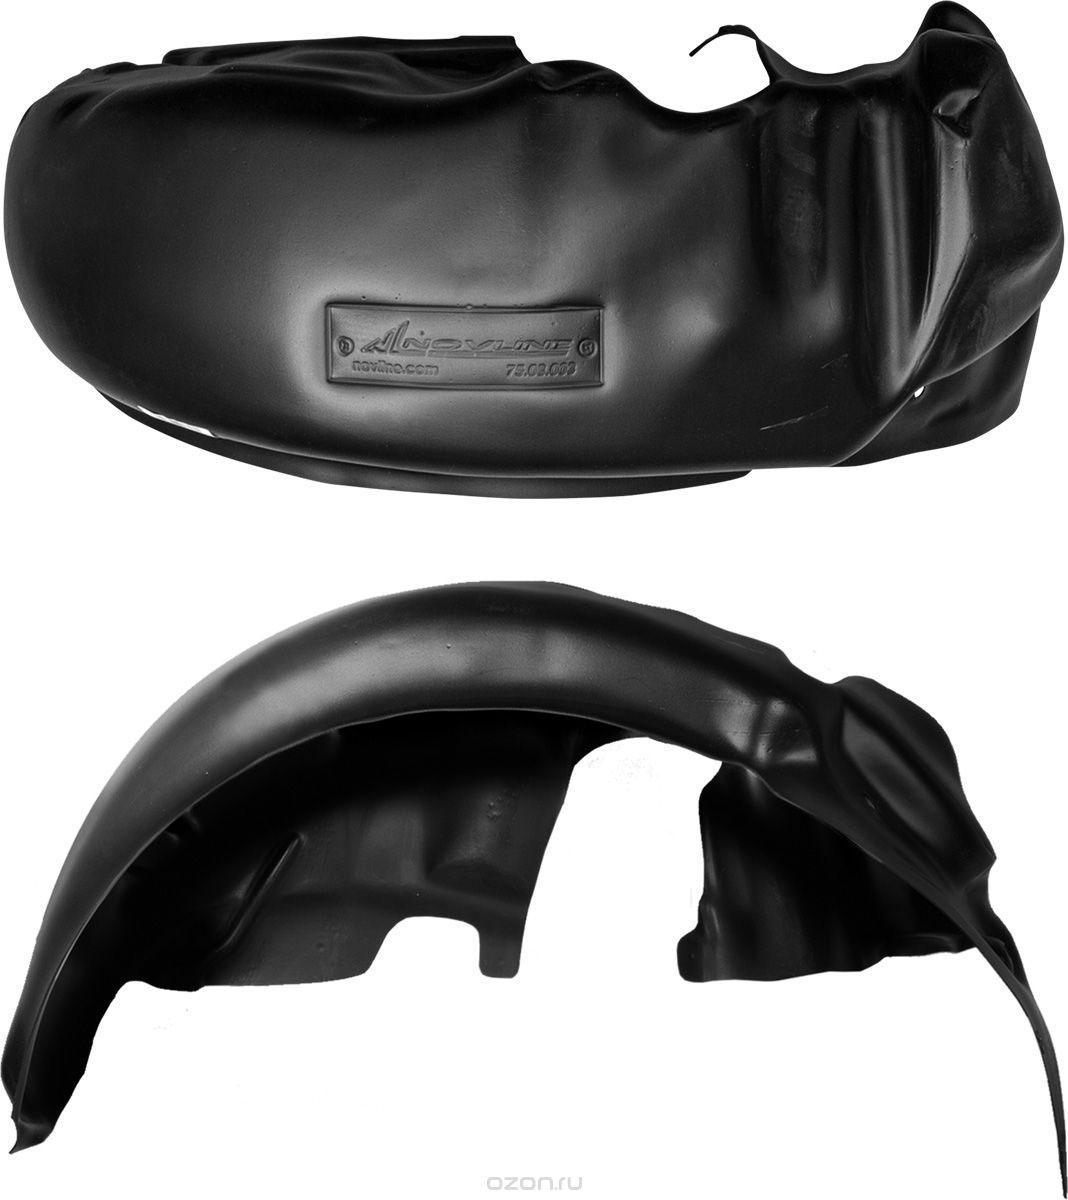 Подкрылок Novline-Autofamily, для Chevrolet Lacetti, 2004-2013, хэтчбек, седан, задний правый004504Идеальная защита колесной ниши. Локеры разработаны с применением цифровых технологий, гарантируют максимальную повторяемость поверхности арки. Изделия устанавливаются без нарушения лакокрасочного покрытия автомобиля, каждый подкрылок комплектуется крепежом. Уважаемые клиенты, обращаем ваше внимание, что фотографии на подкрылки универсальные и не отражают реальную форму изделия. При этом само изделие идет точно под размер указанного автомобиля.